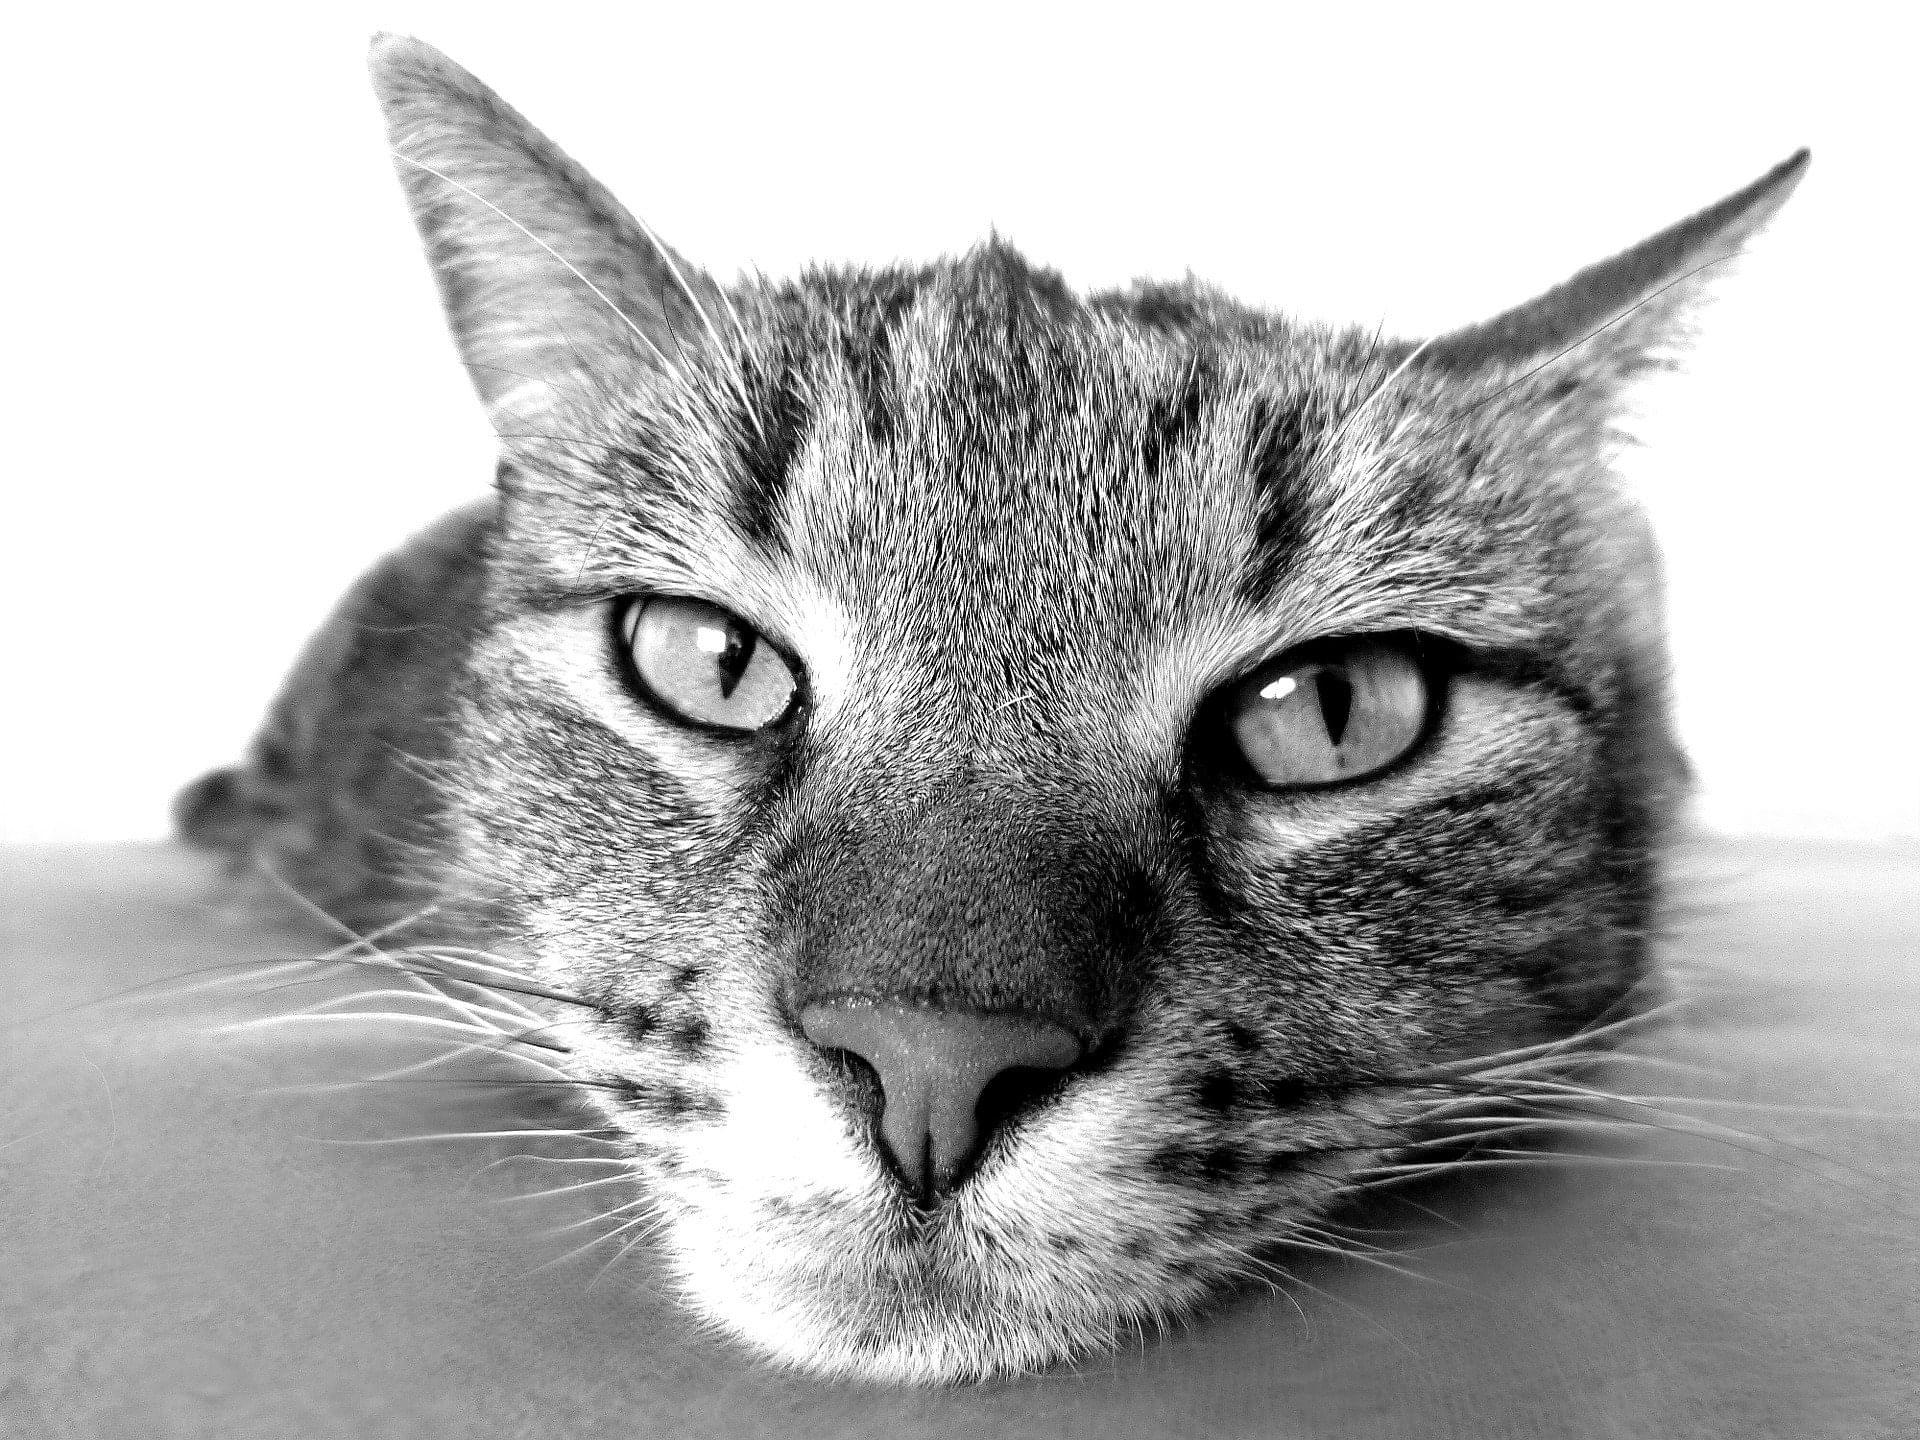 Cat Licks Vacuum Hose – It's CUTE AF!!!!